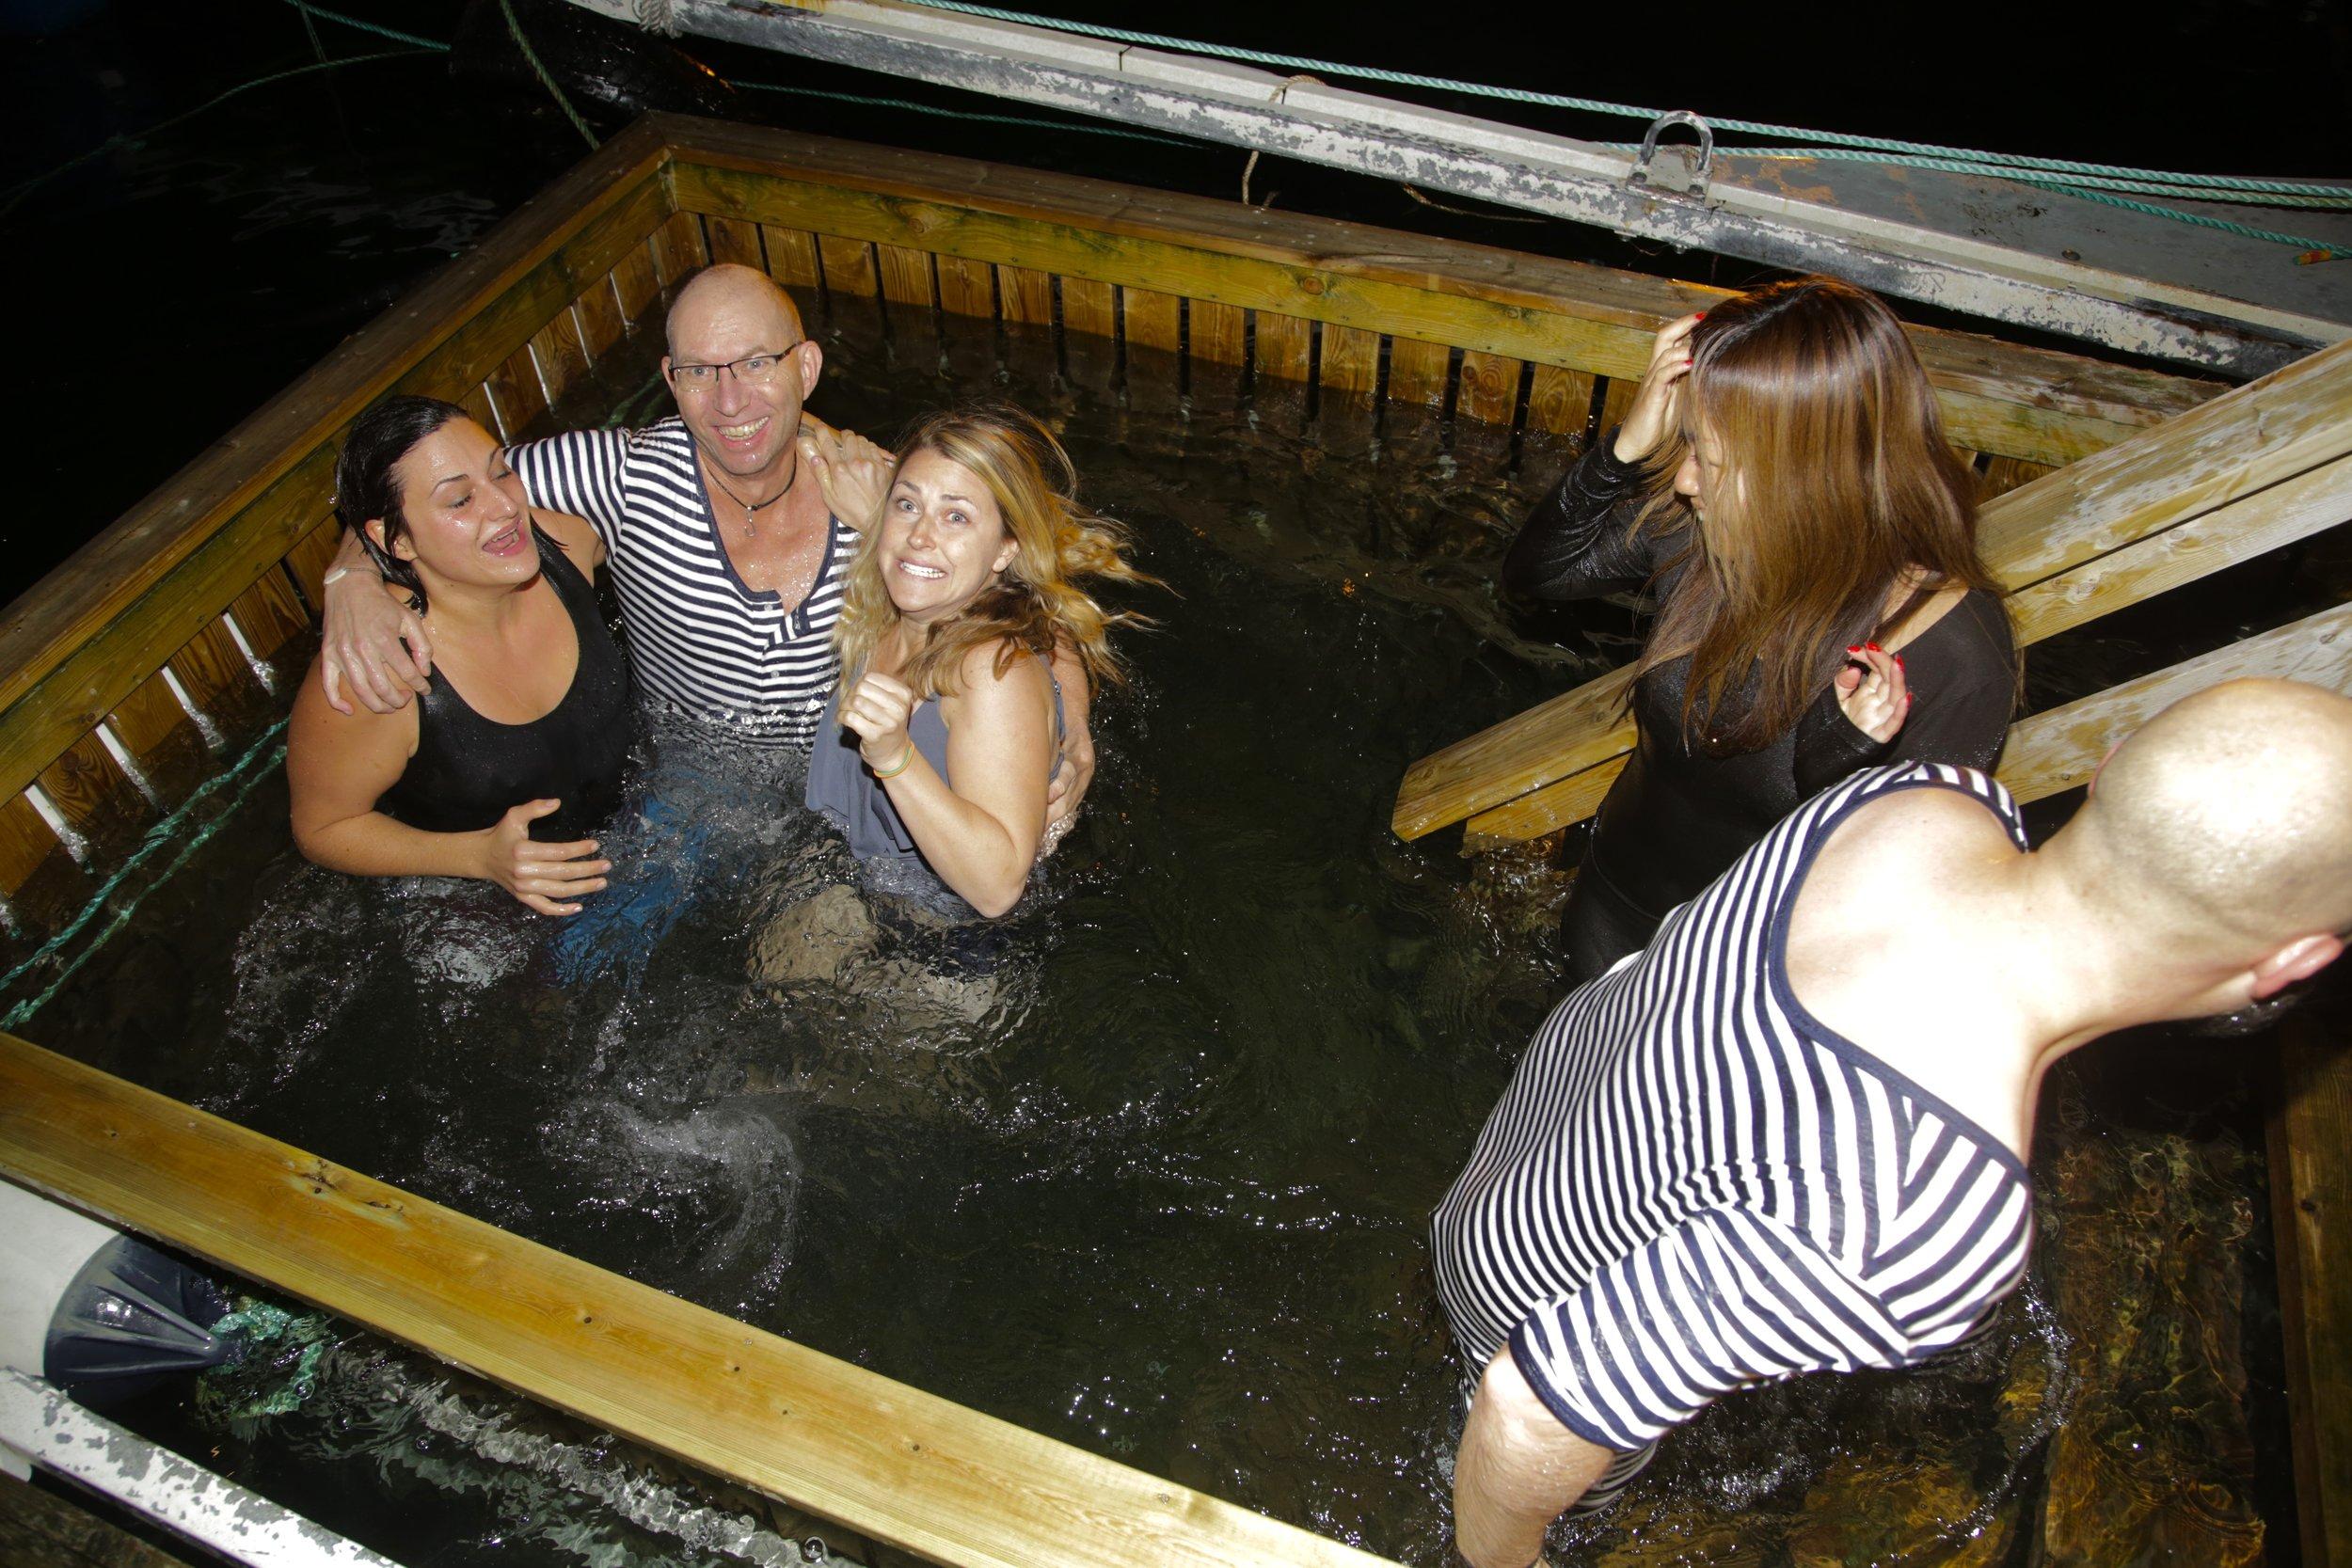 Hopp i havet, for en tøff opplevelse. Den stripete badedrakten får du kjøpt om bord.